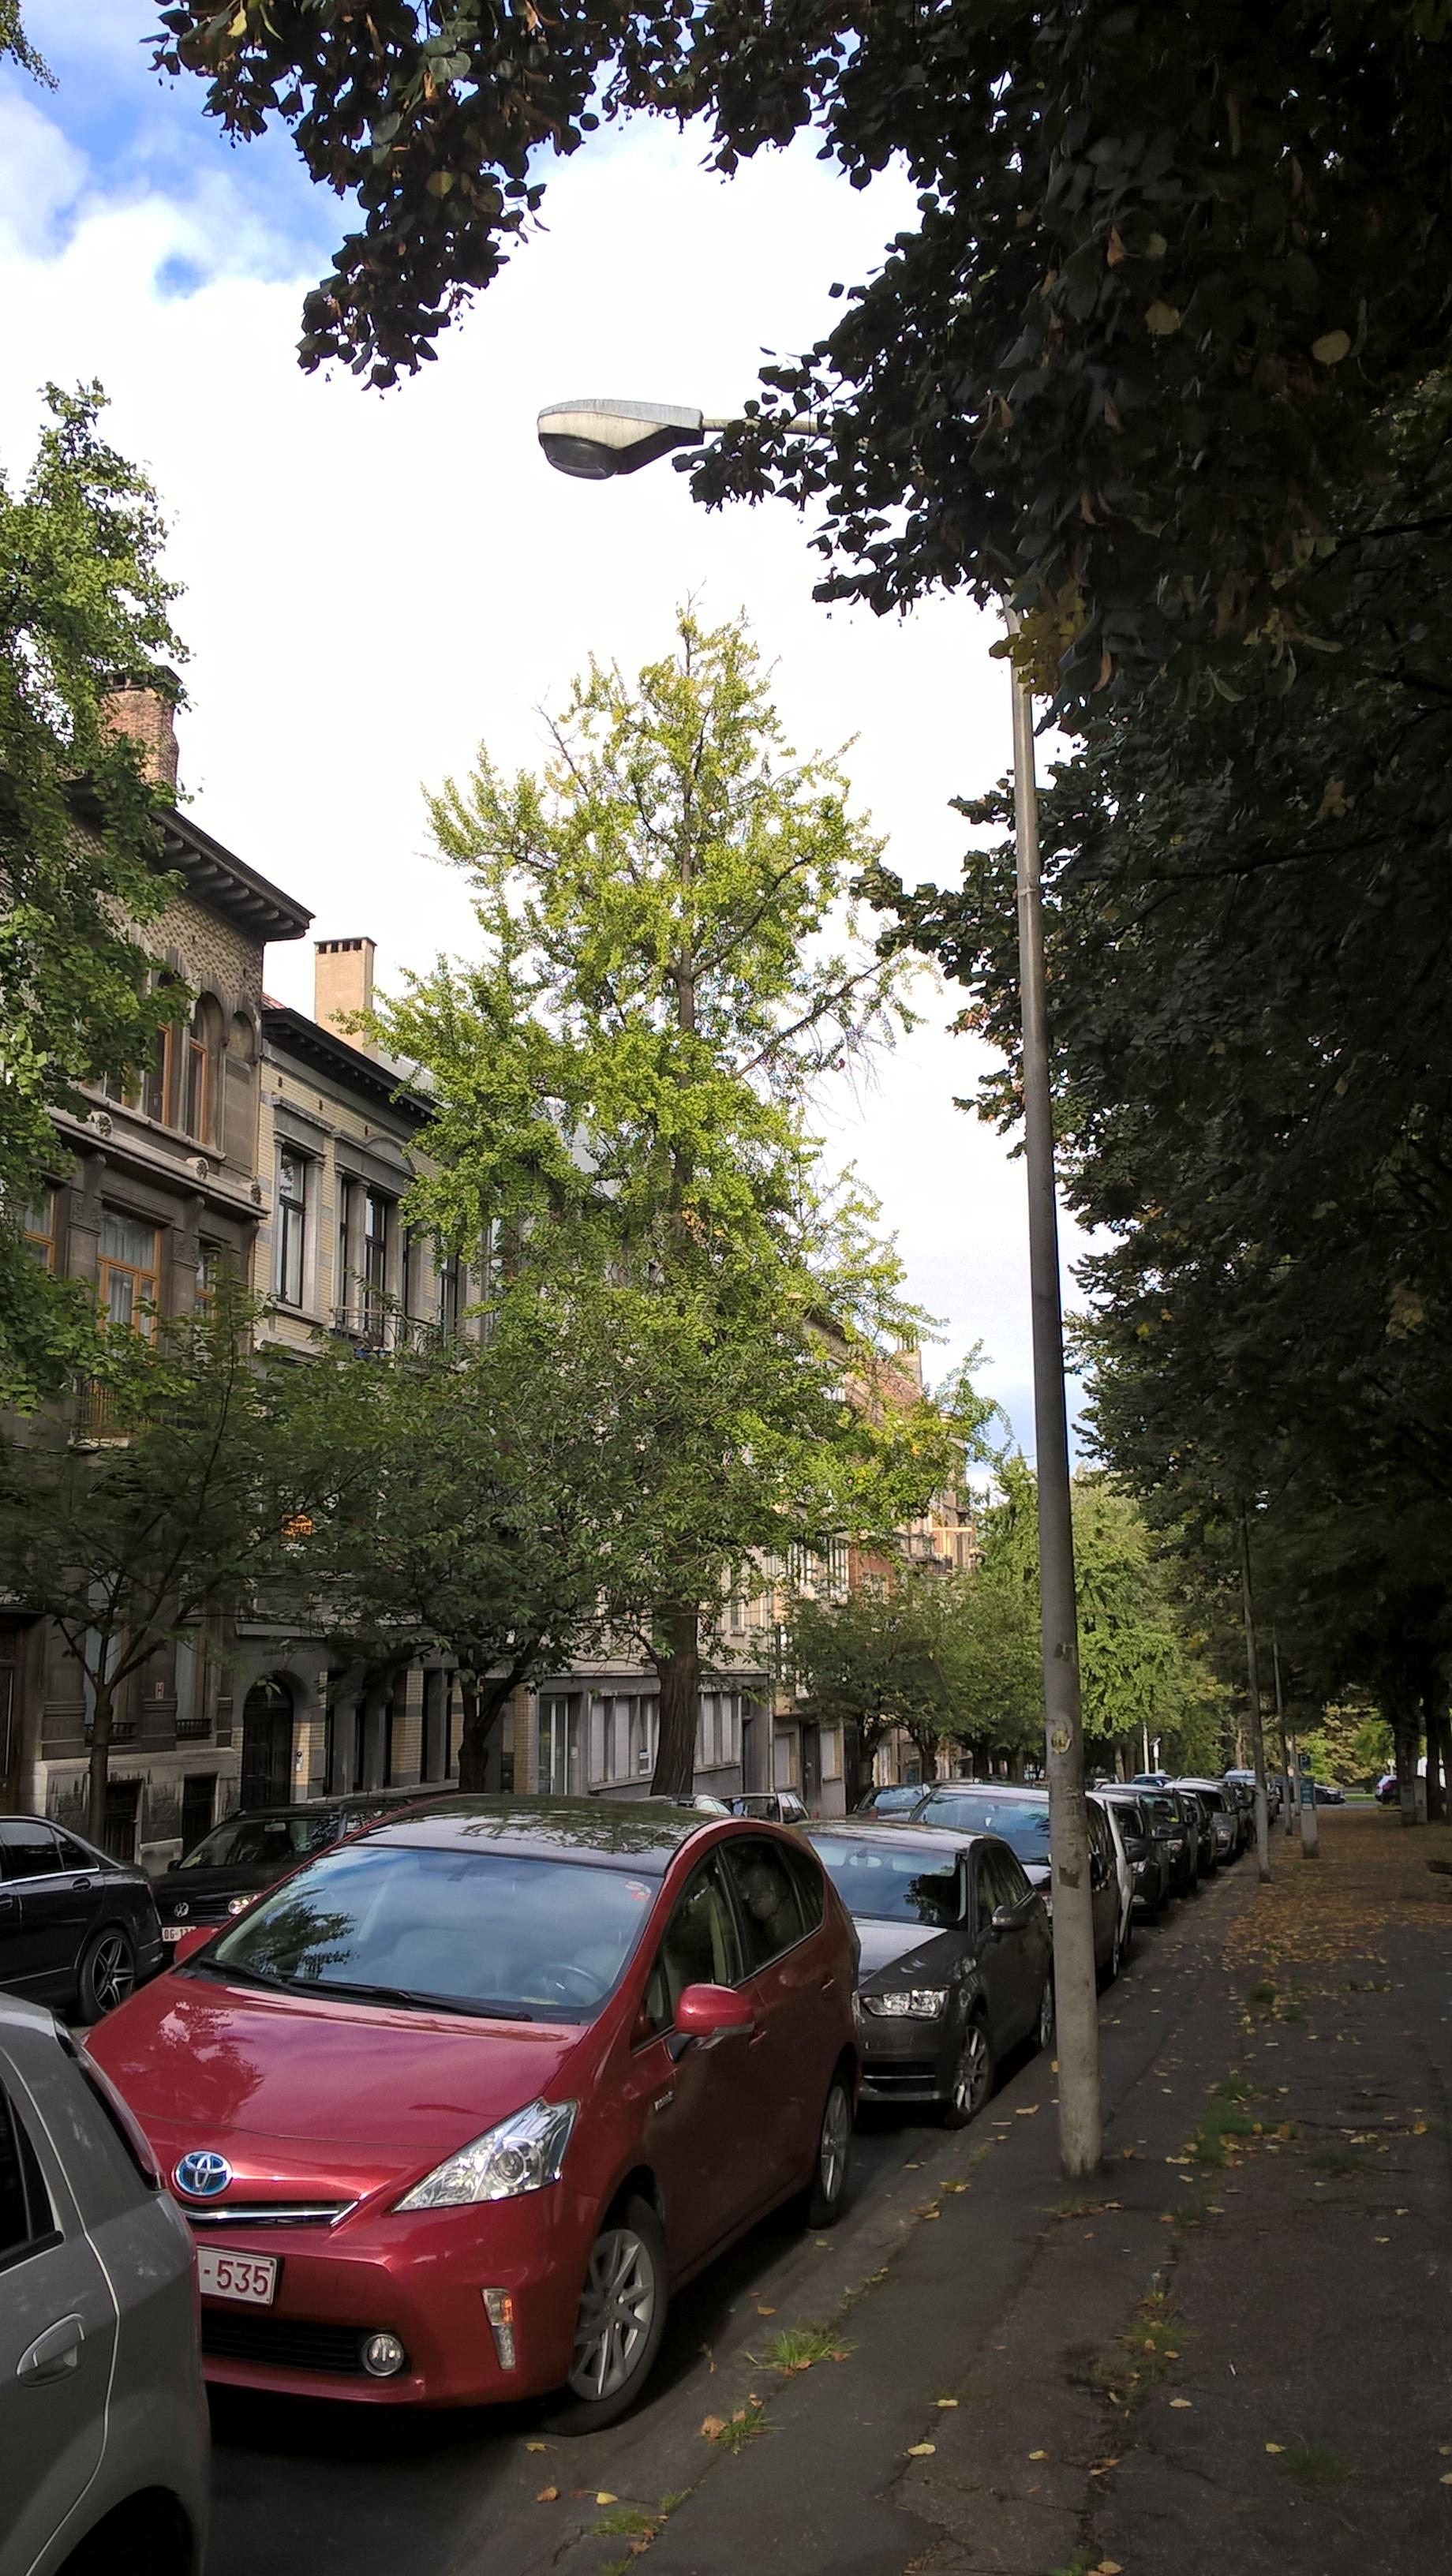 Ginkgo biloba 'Fastigiata' – Schaarbeek, Huart Hamoirlaan en Rigasquare, Huart Hamoirlaan, 111 –  24 September 2015